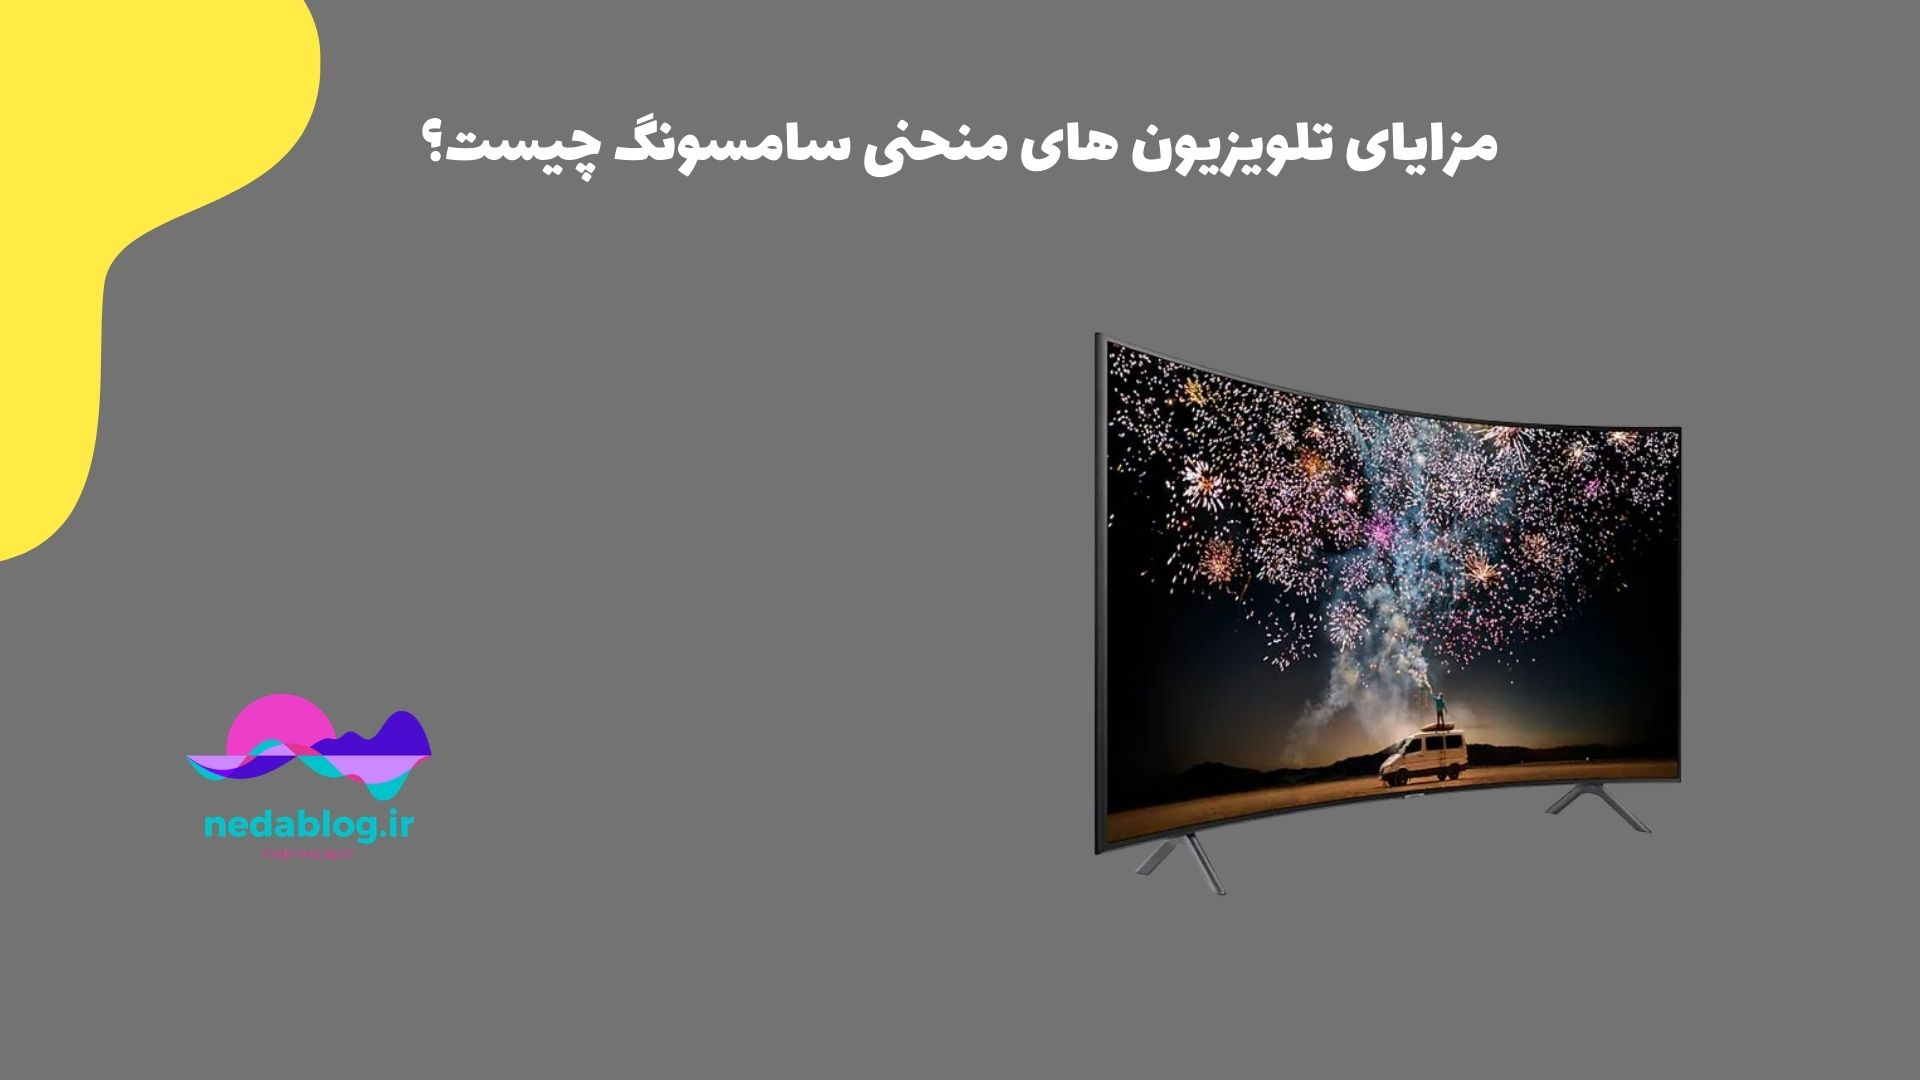 مزایای تلویزیون های منحنی سامسونگ چیست؟